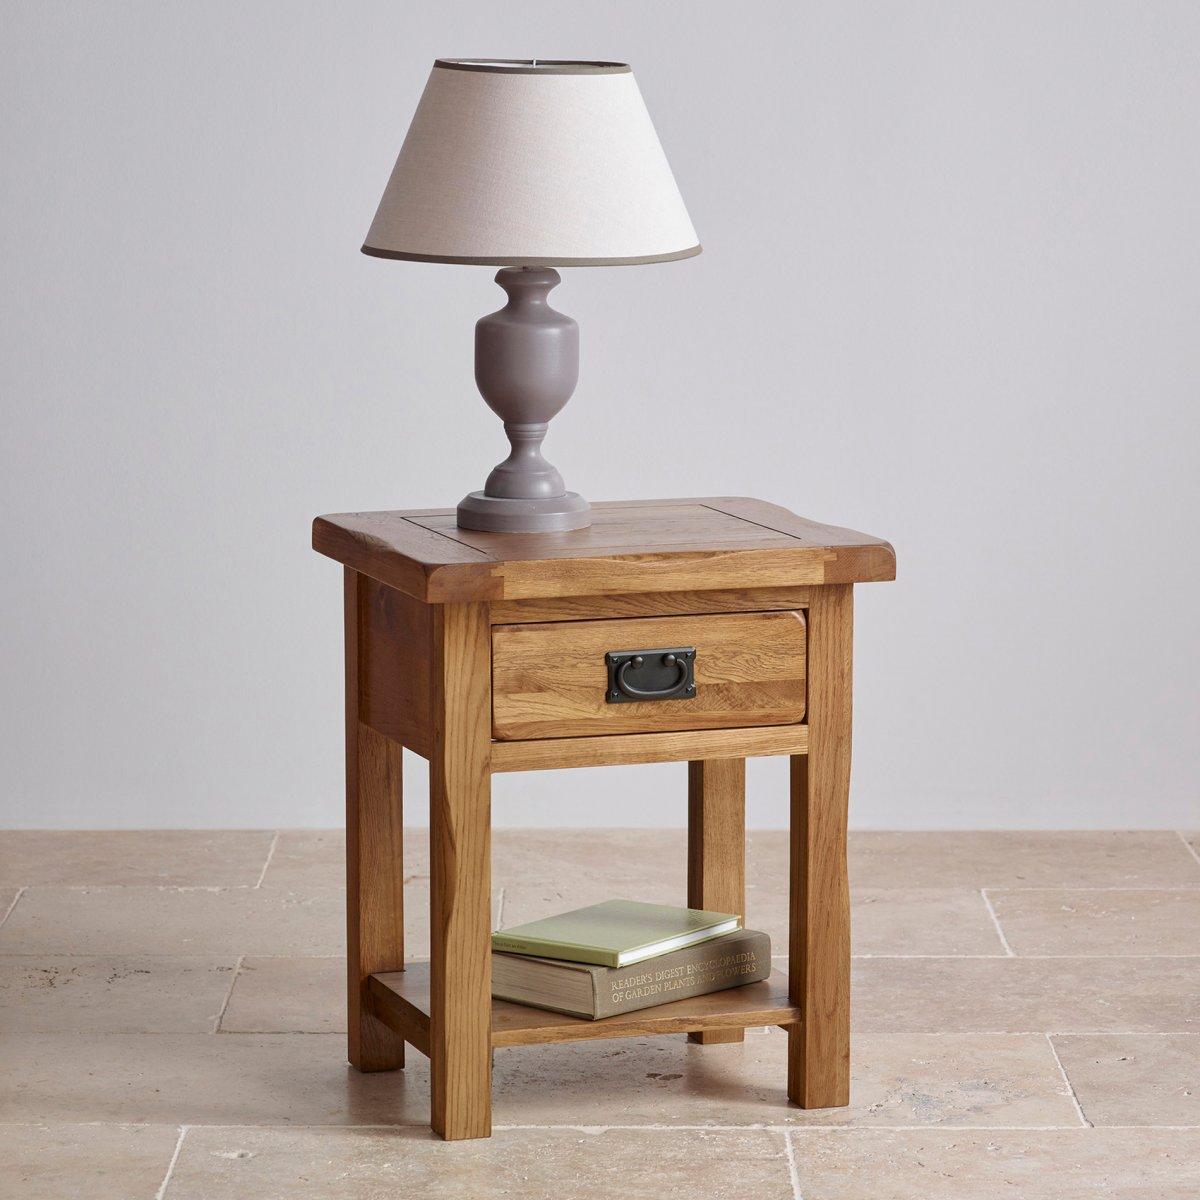 Original Rustic Lamp Table In Solid Oak Oak Furniture Land